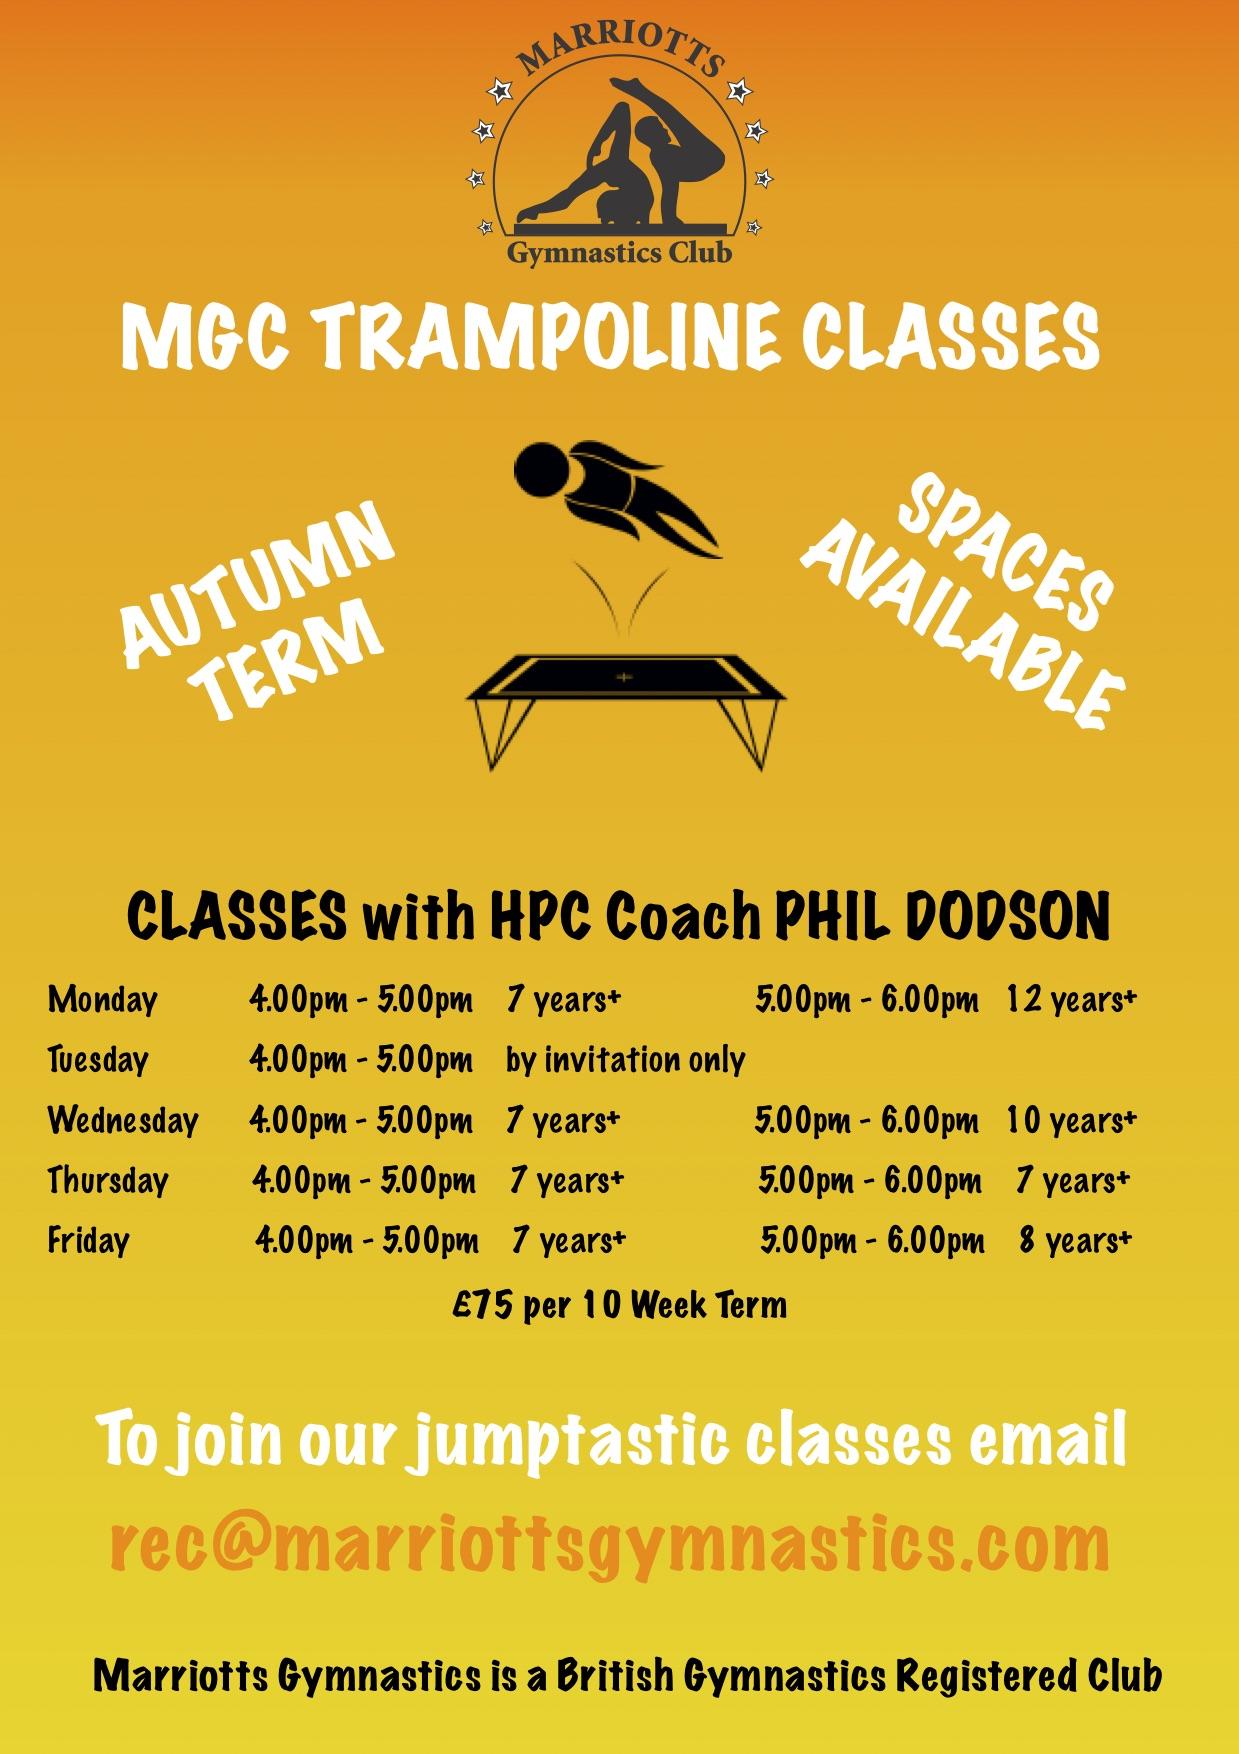 Autumn Trampoline Poster.jpg